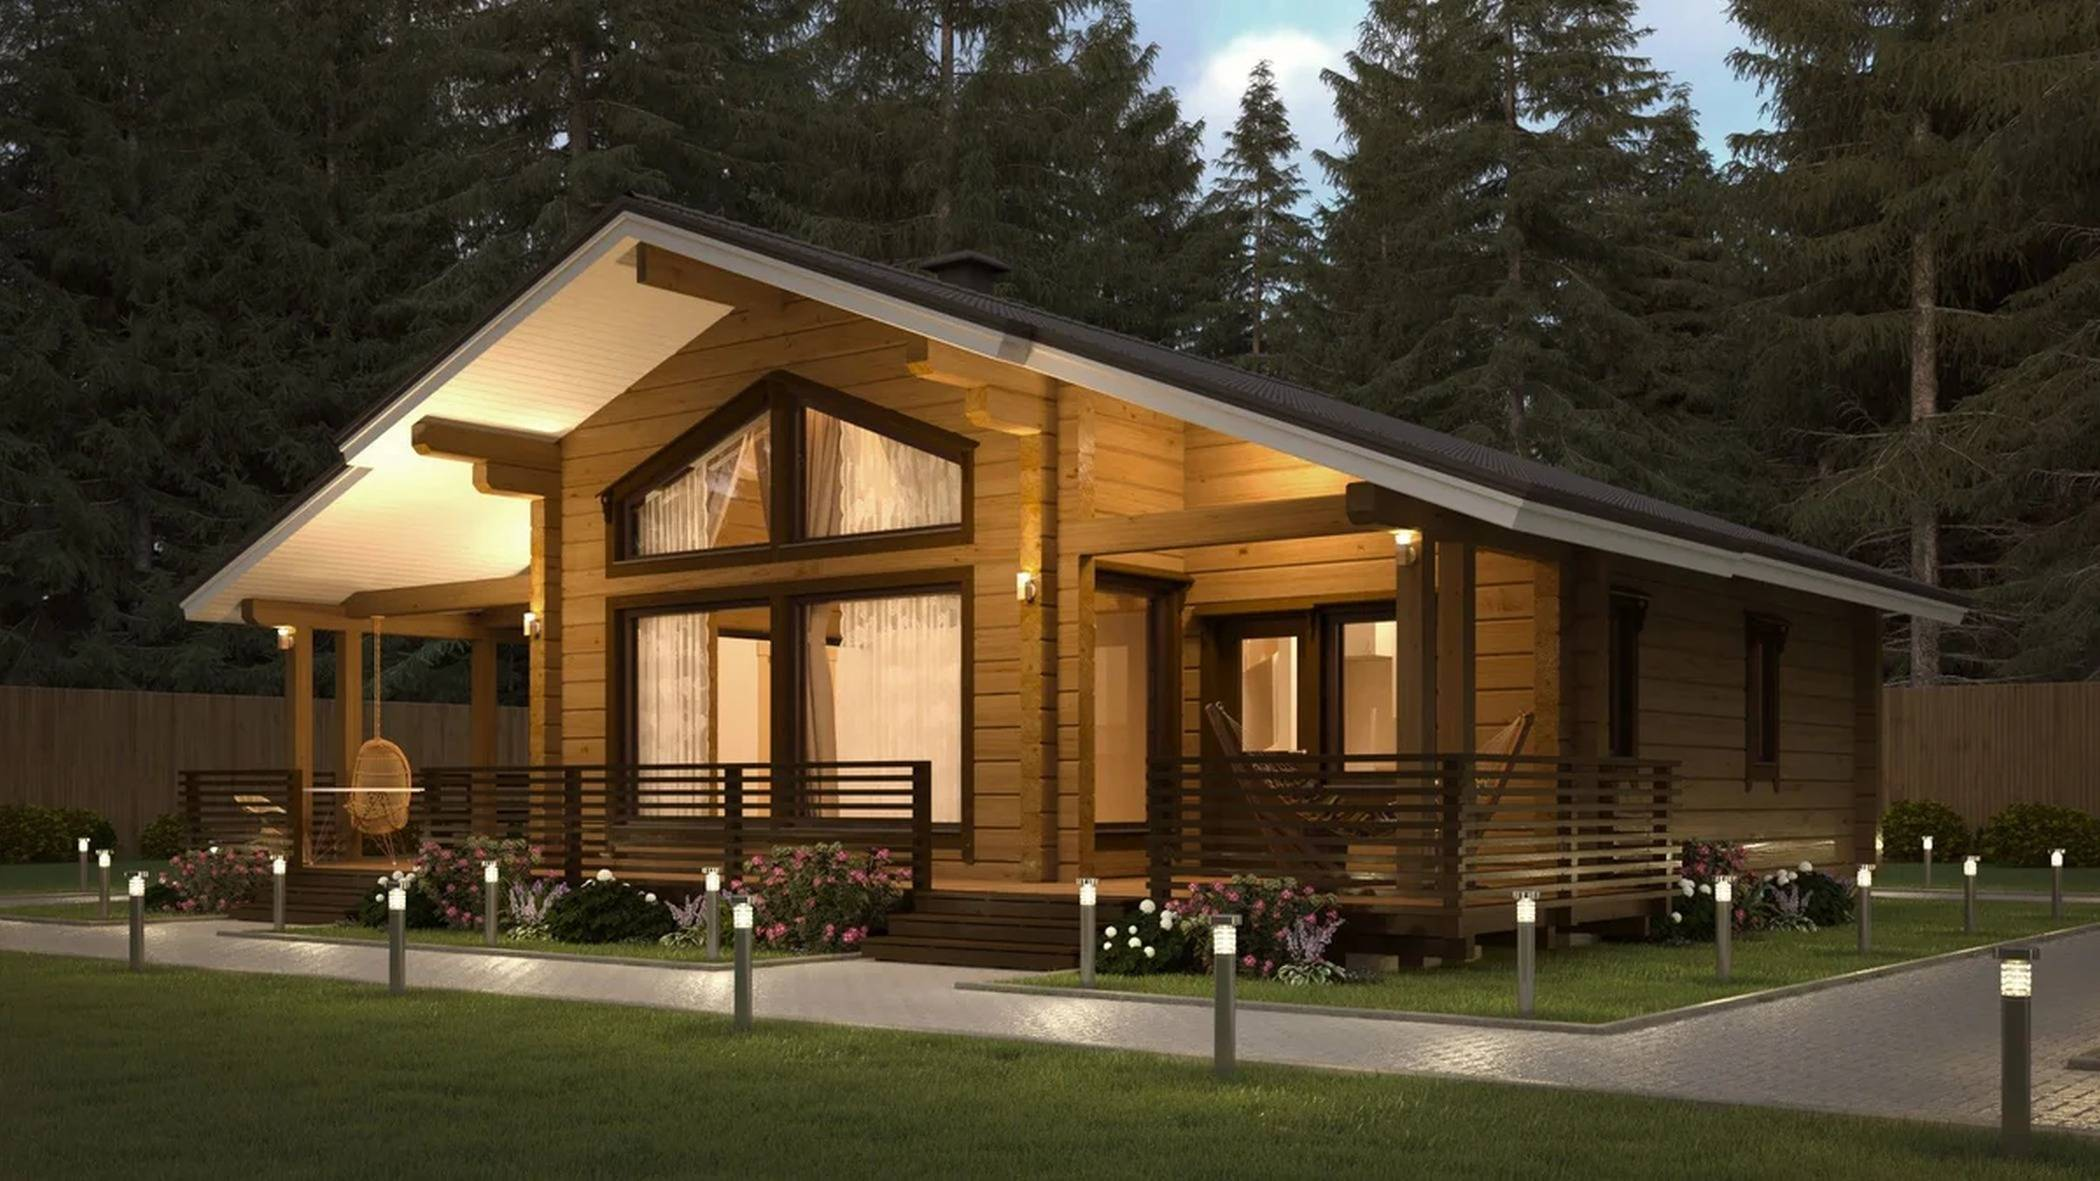 Шале - строительство дома из бруса за 4248850руб под ключ   русский стиль